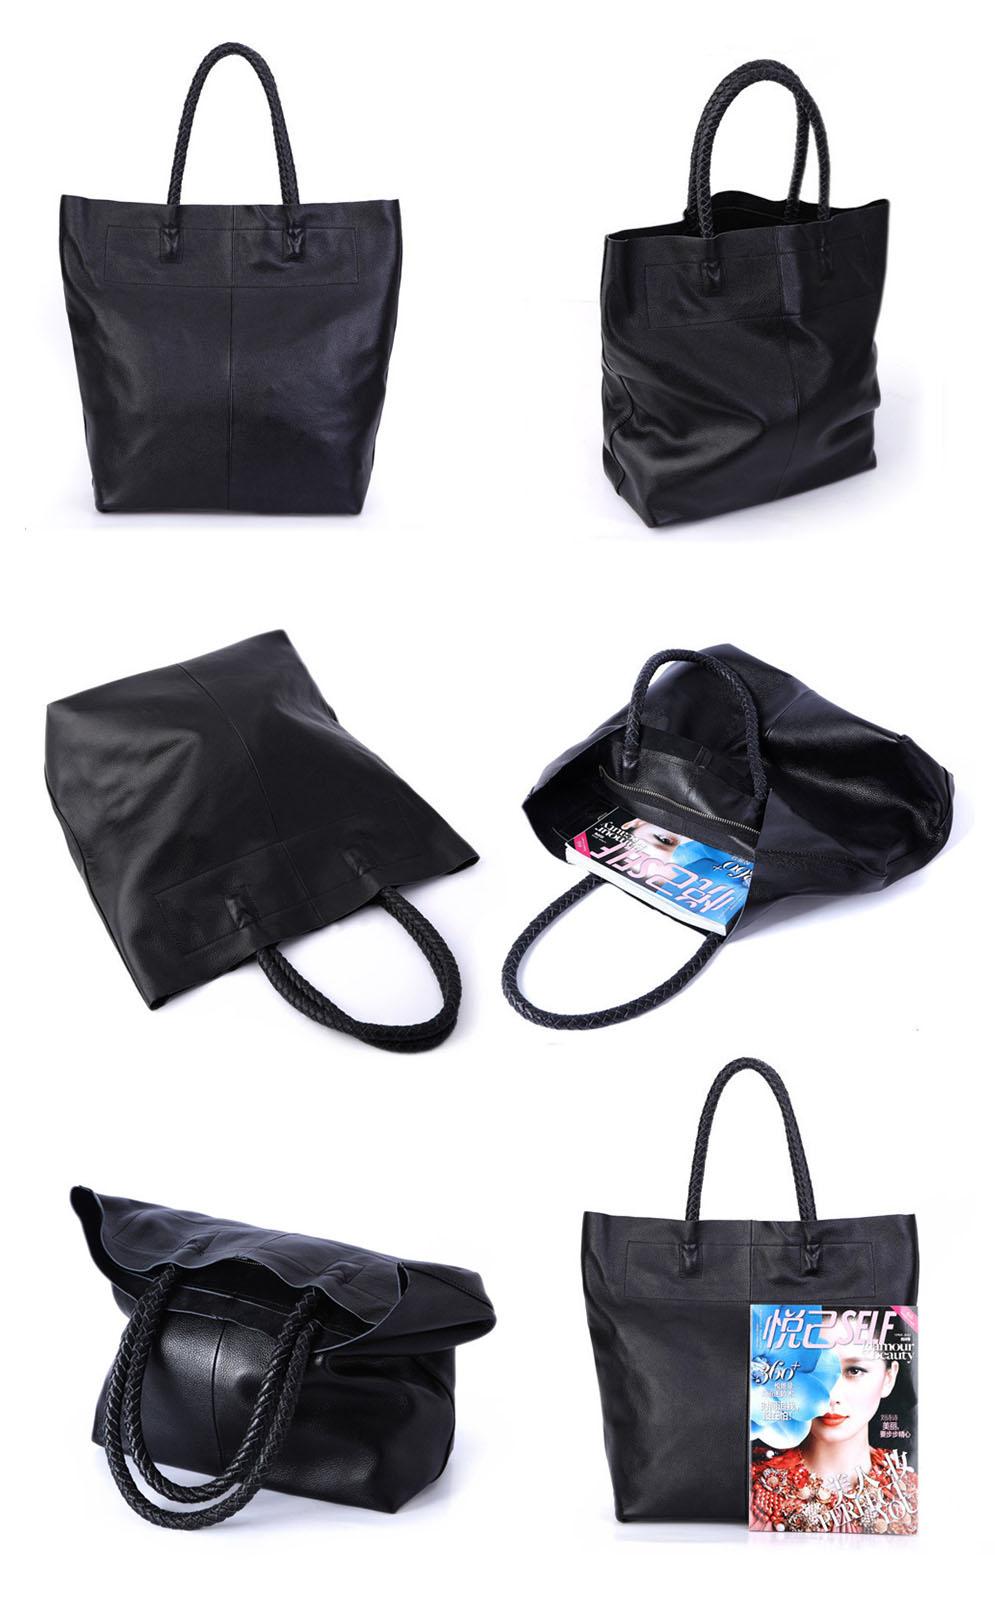 Копии брендовых сумок магазин в москве : Женские сумки